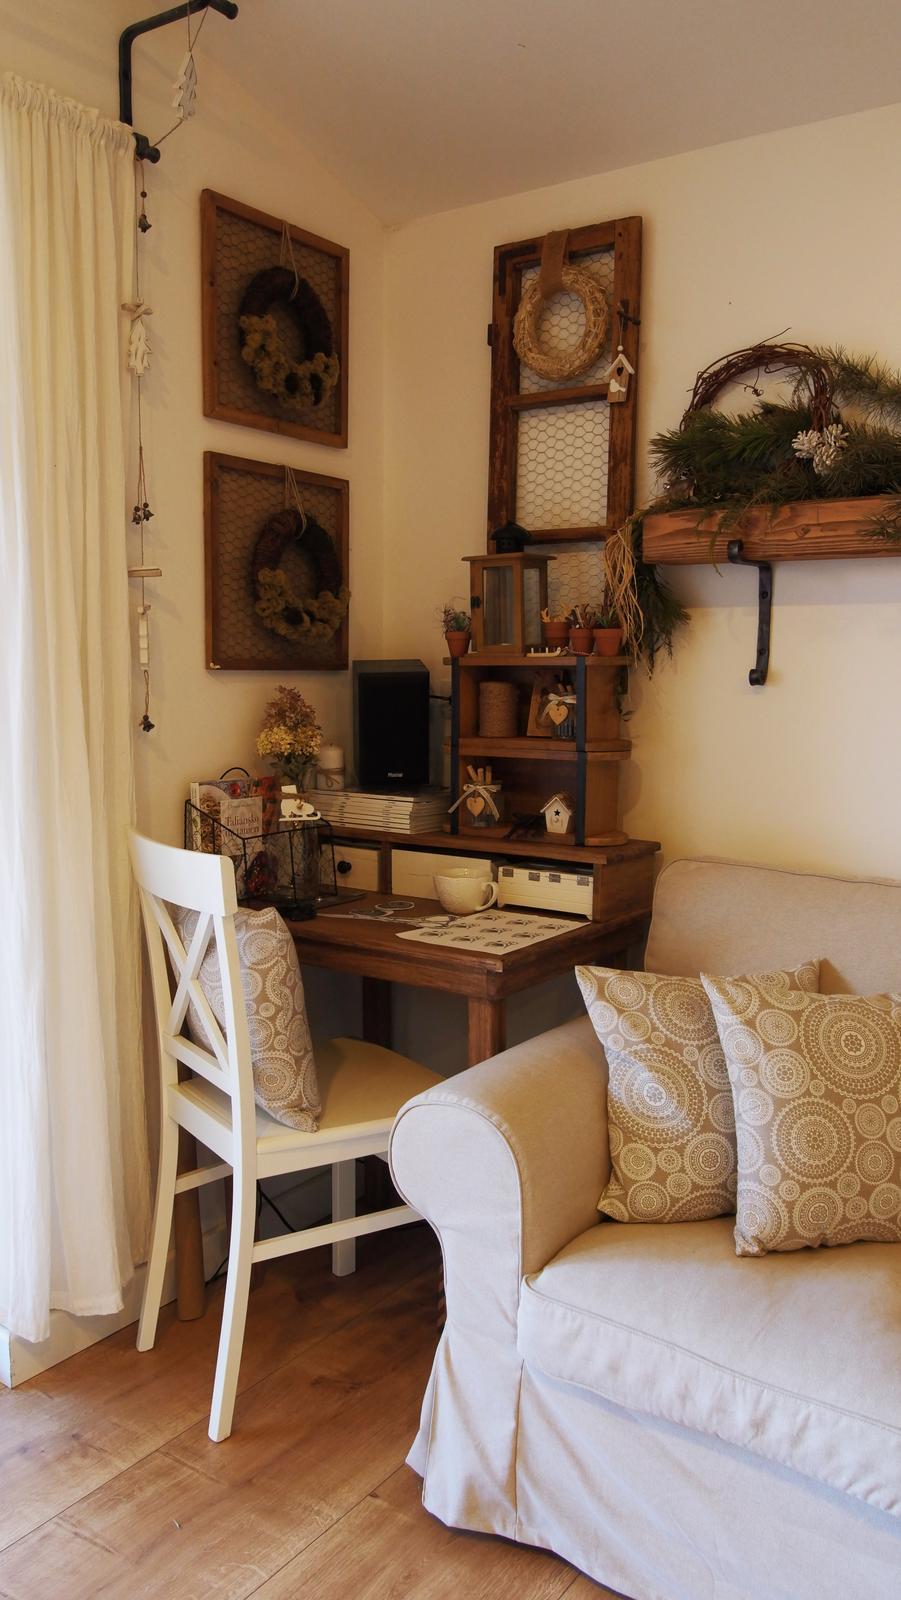 Náš domček ♡ Bramasole ♡ ... Stilo interiér aj exteriér 4. rok bývania - Obrázok č. 1